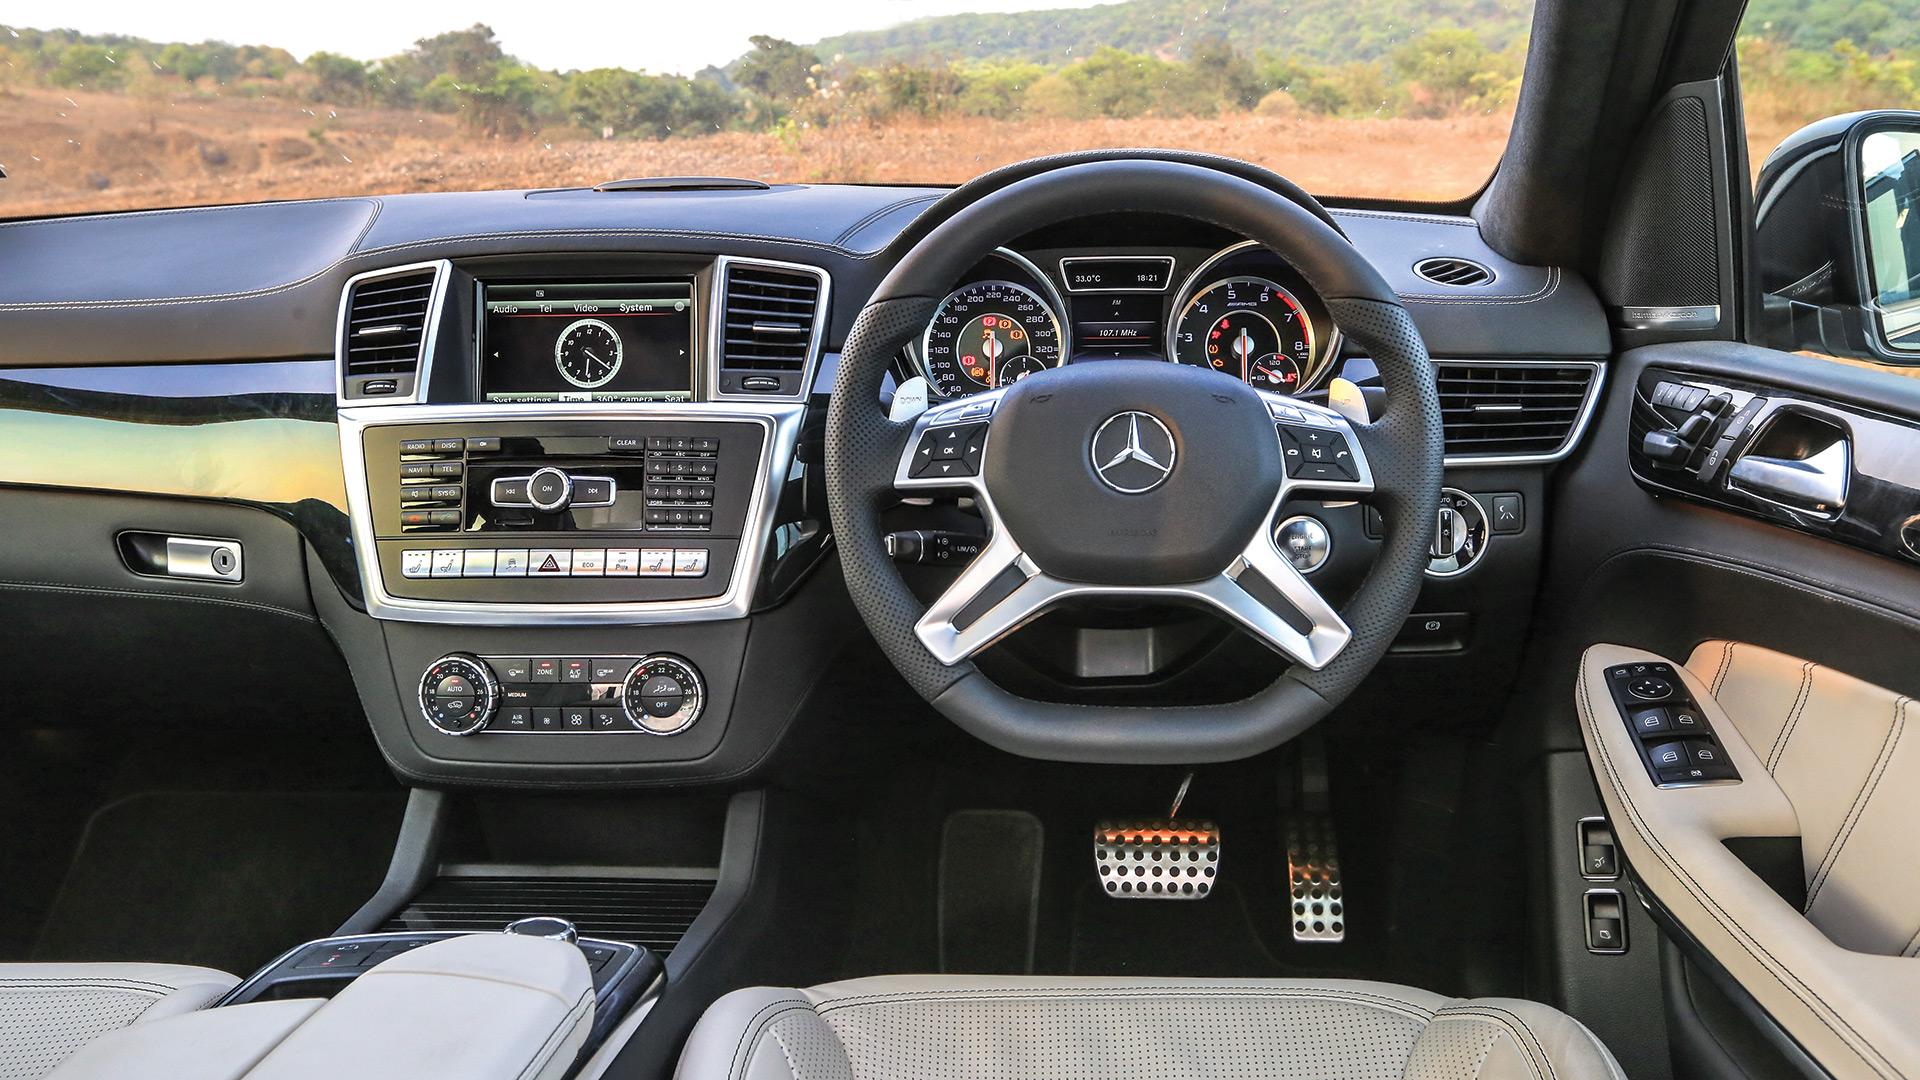 Mercedes benz gl class 2014 gl63 amg price mileage for Mercedes benz ml class 350 cdi price in india